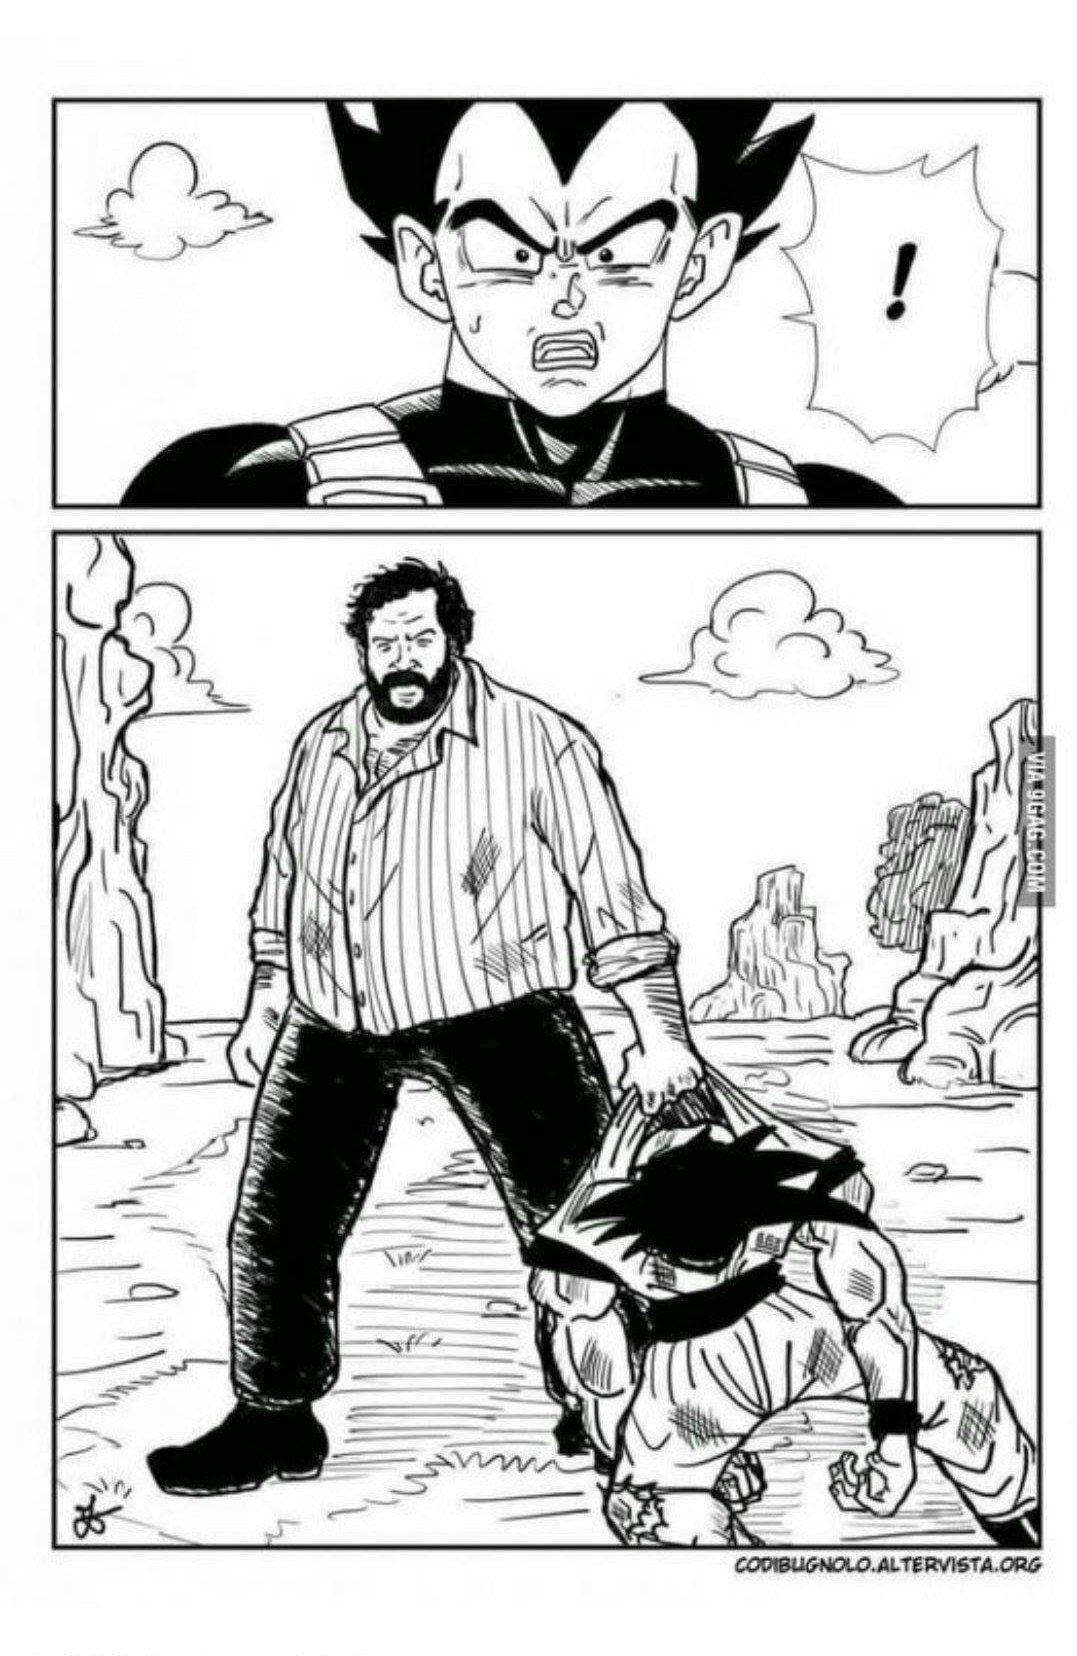 Todos comparando a Goku con Superman, cuando había un personaje mucho más poderoso...